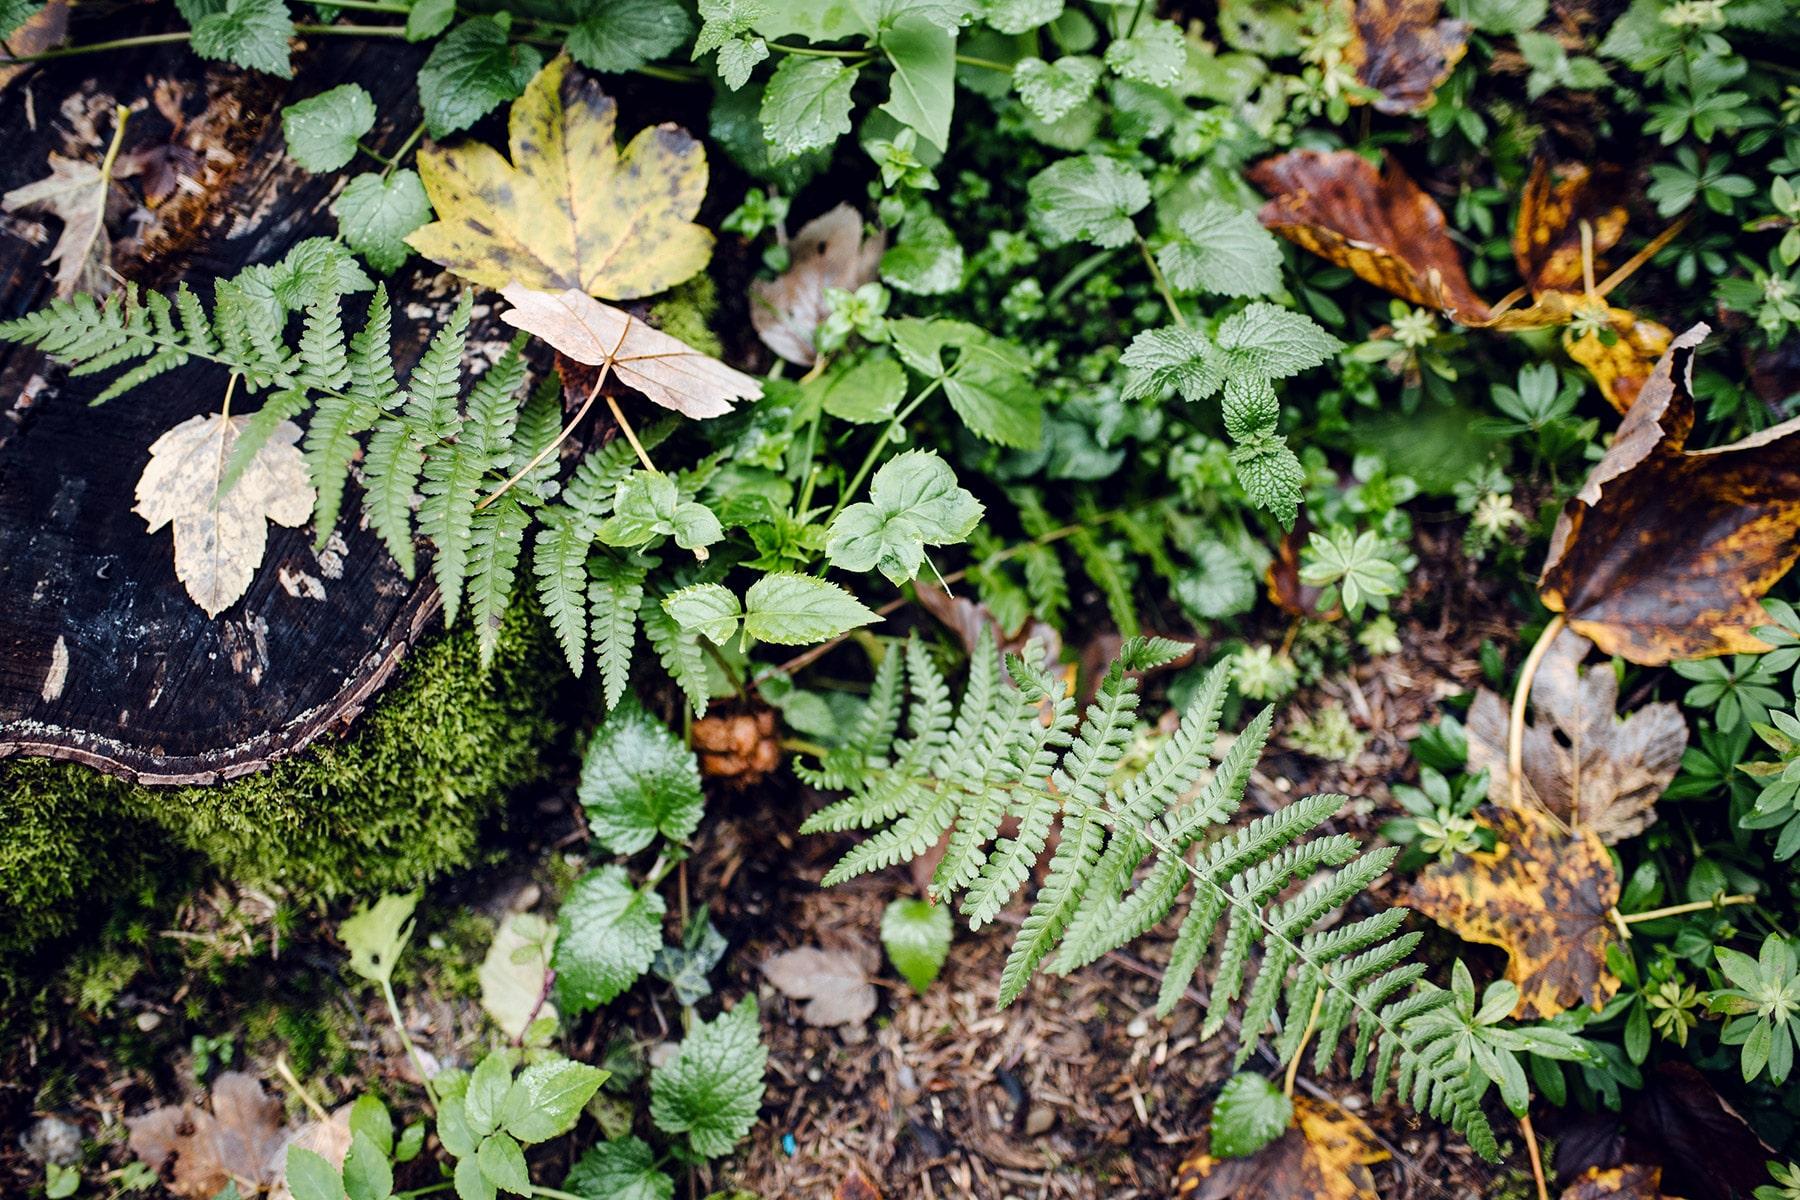 Différents végétaux verts et jaunes, dont des branches de fougère, sur le sol de la forêt –Promenade automnale dans la forêt de Petinesca